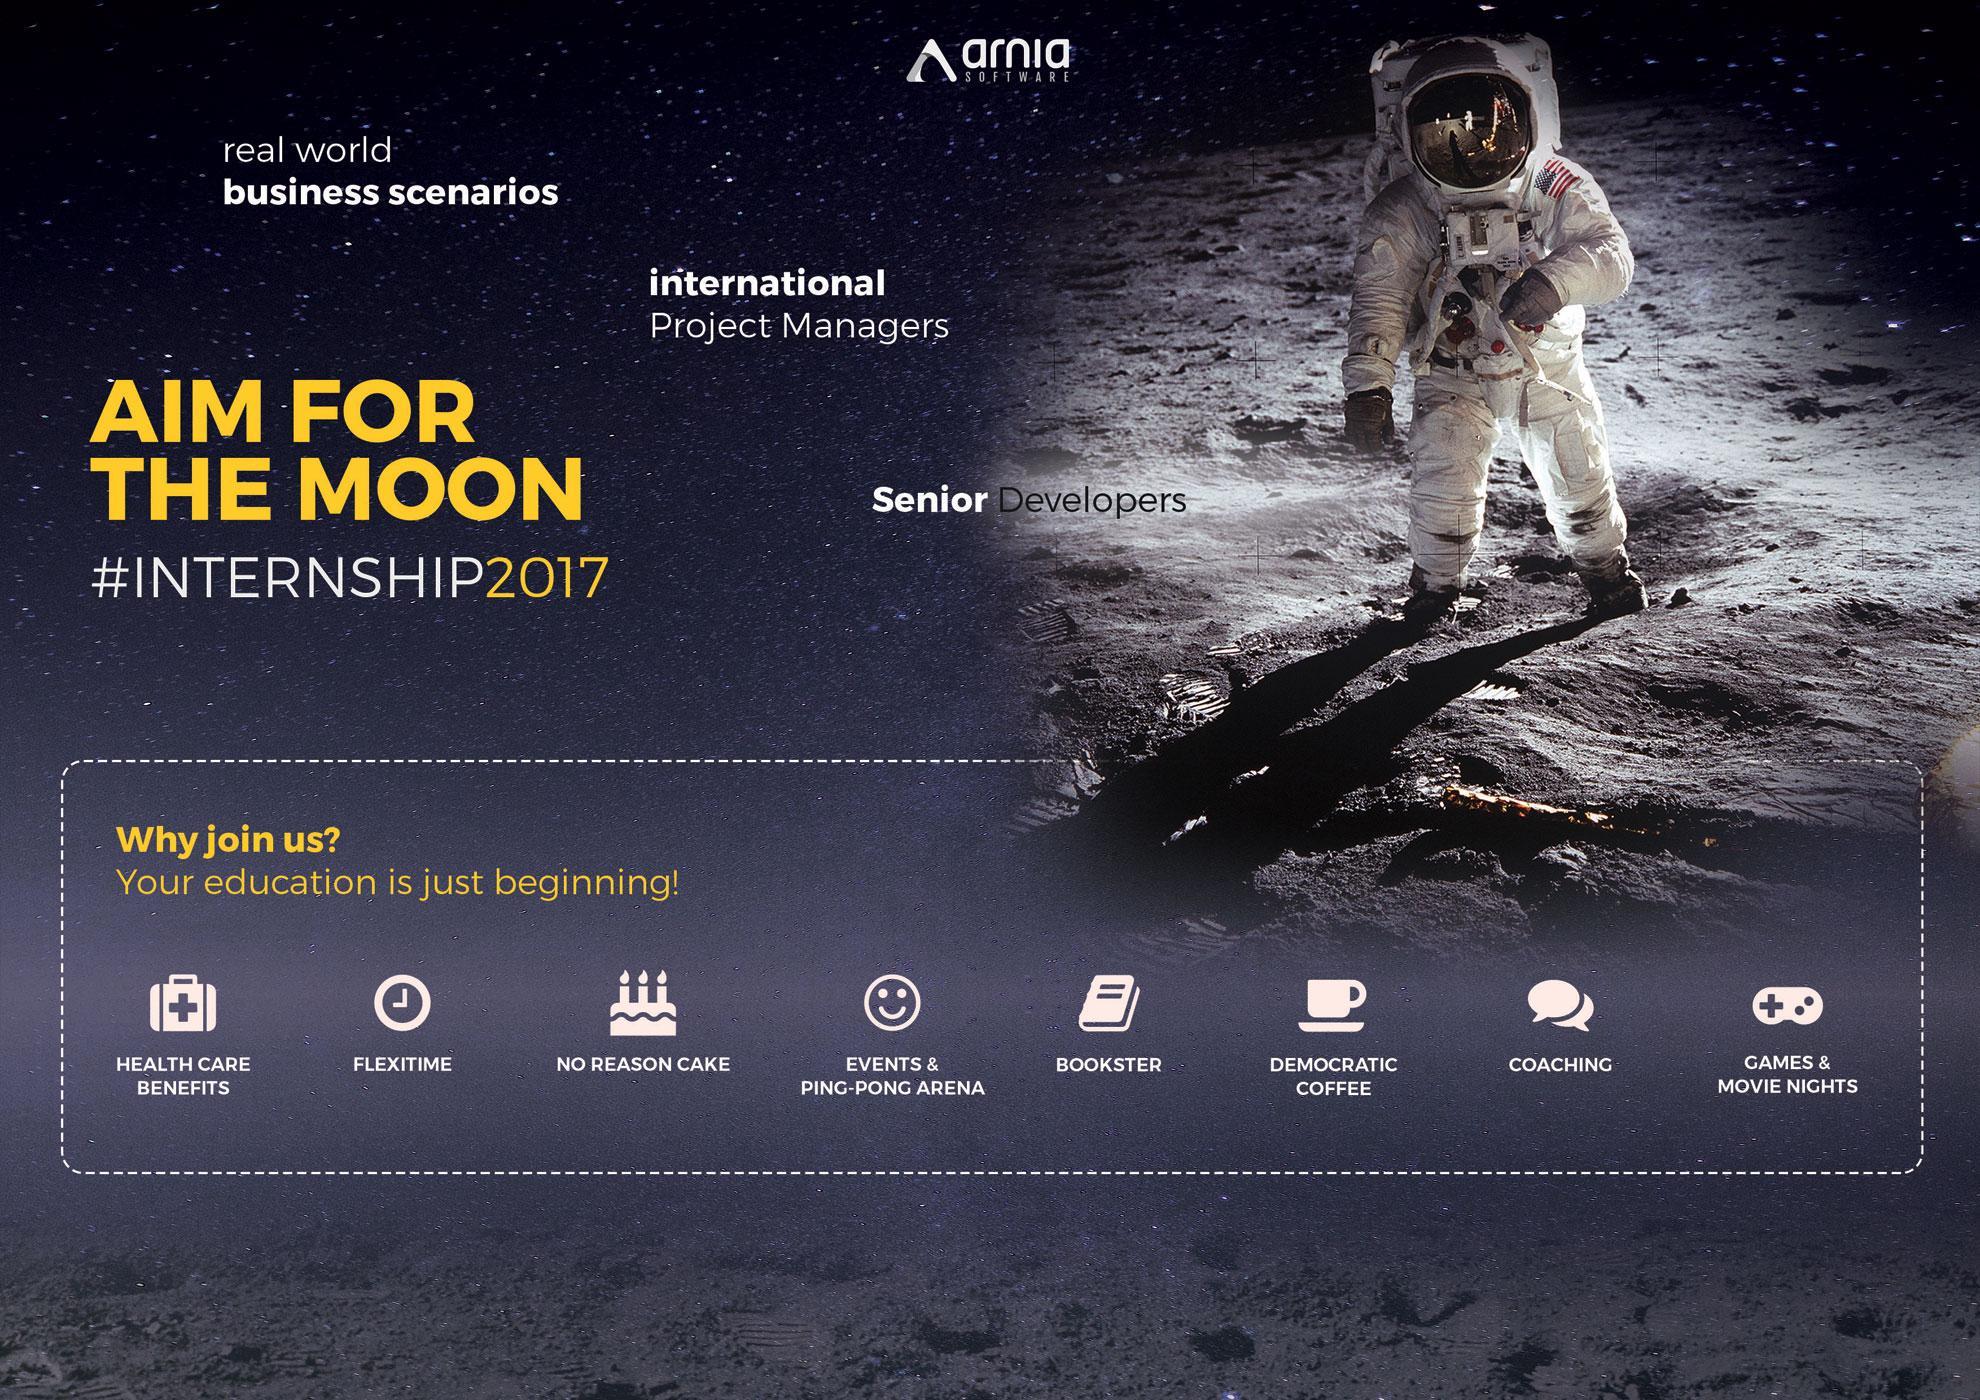 Aim for the moon internship